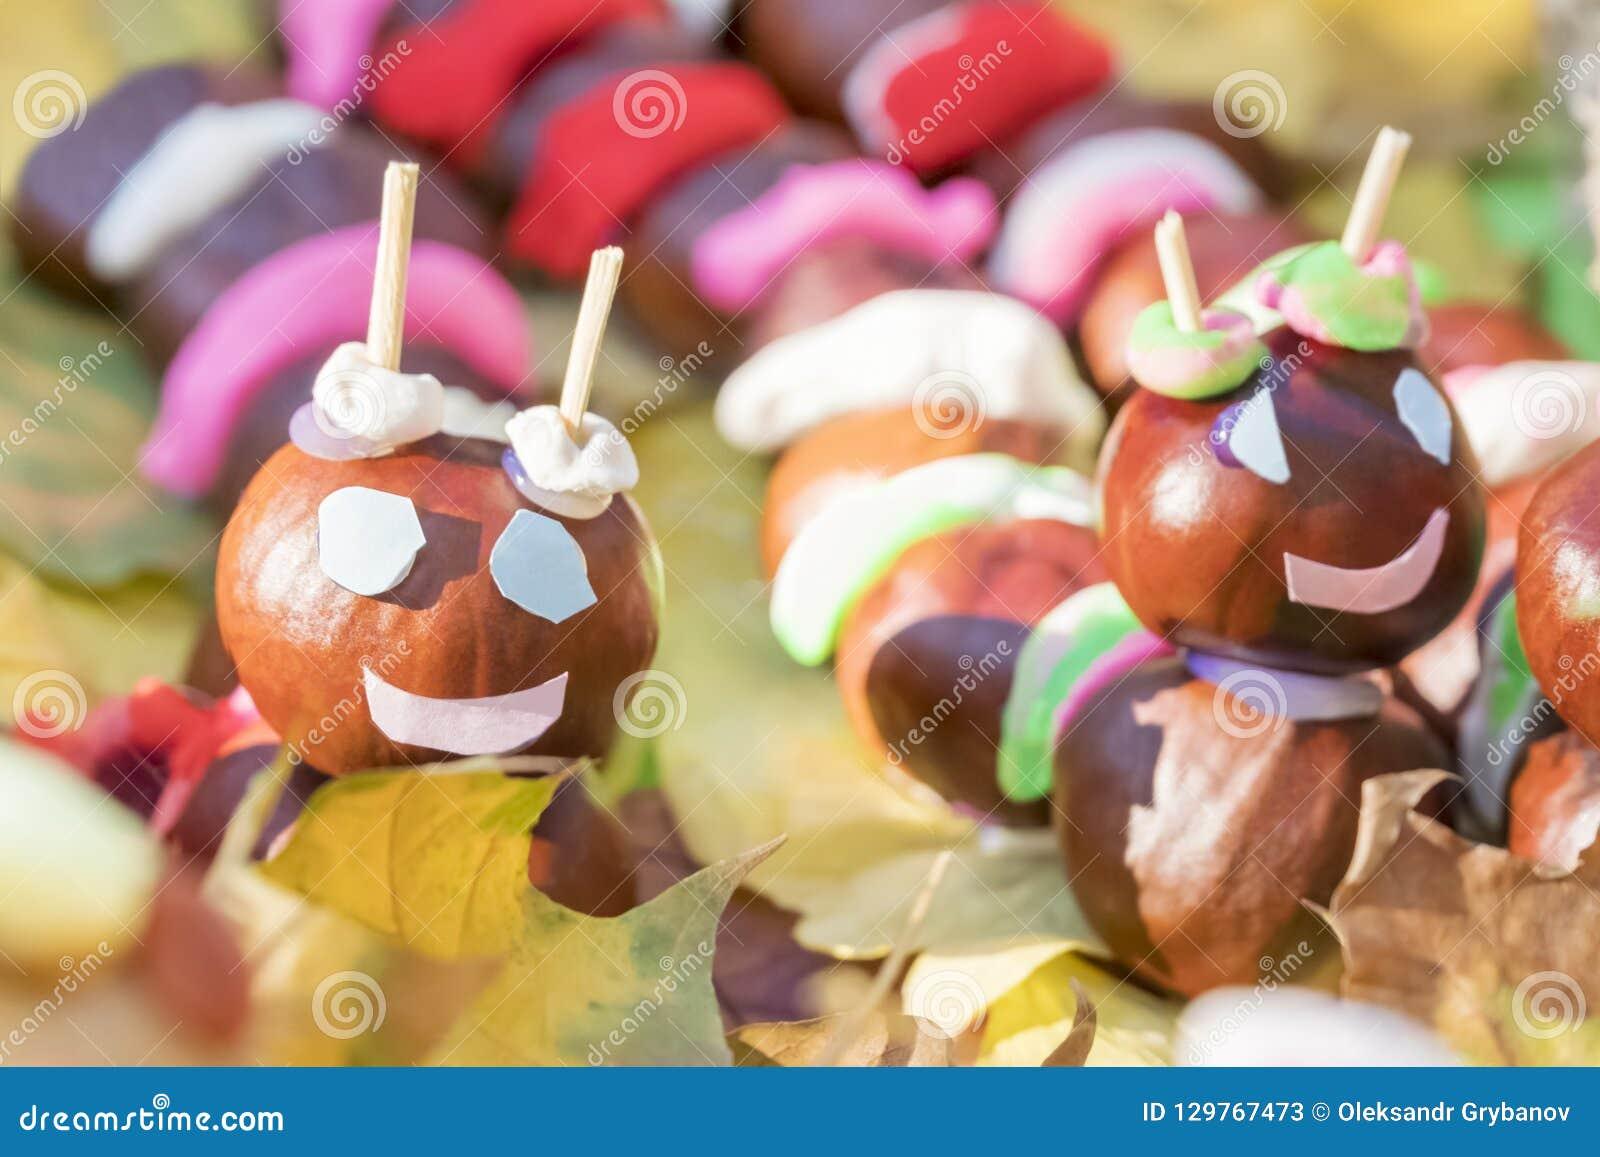 Children crafts chestnut caterpillar